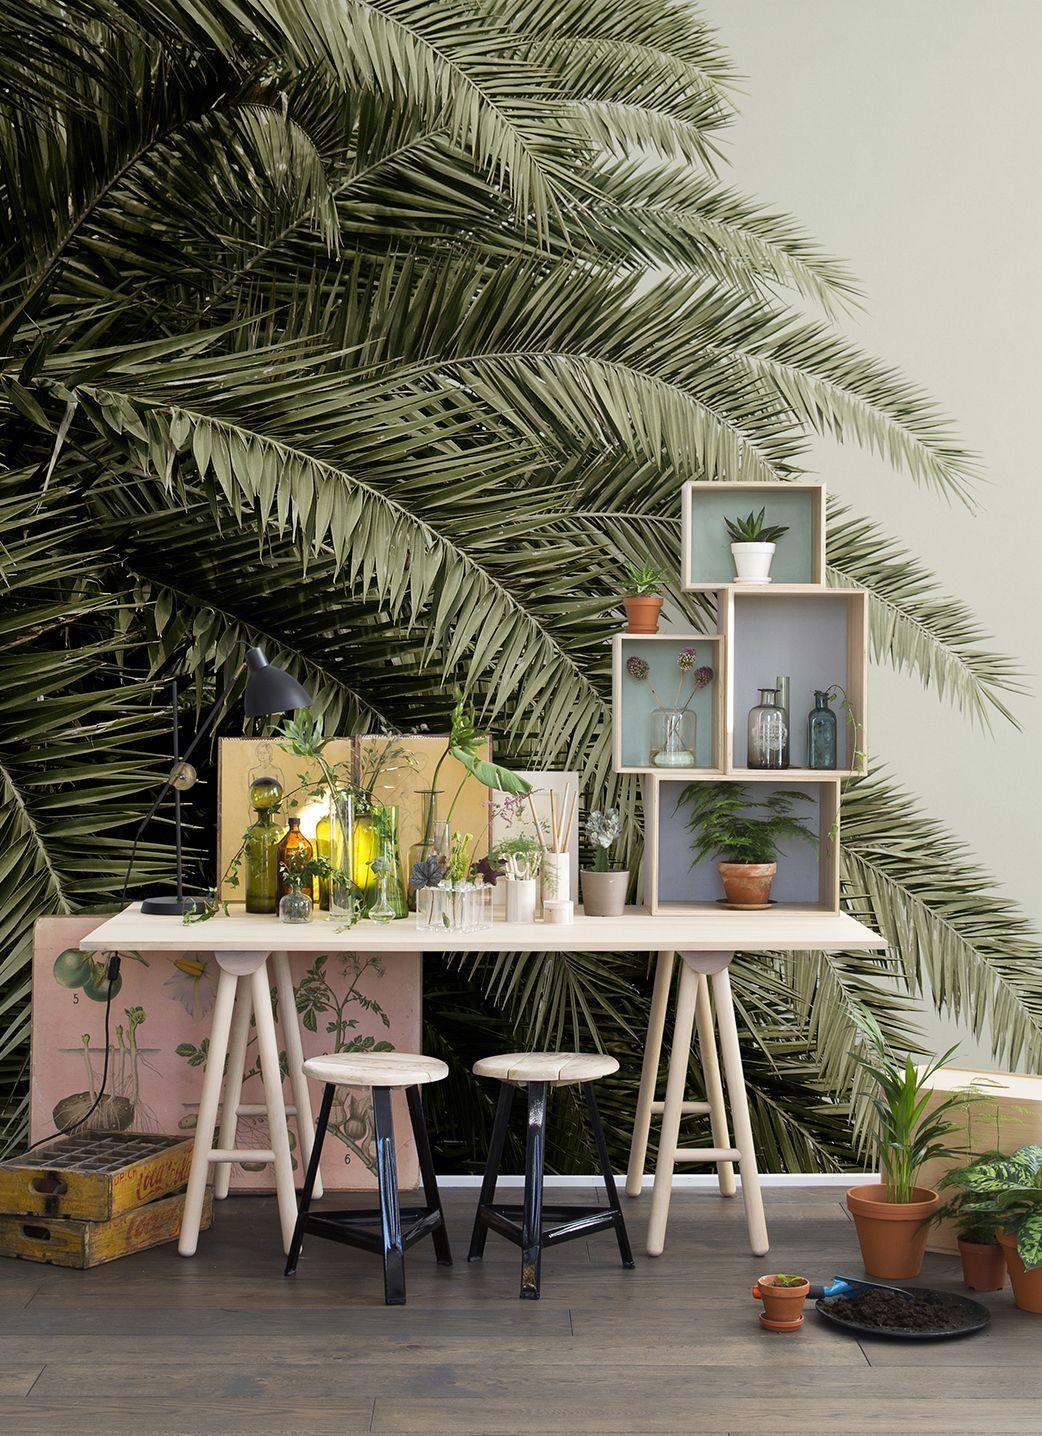 Kinderzimmer wanddekor leaf love  tapeten und waende  pinterest  palm springs interiors